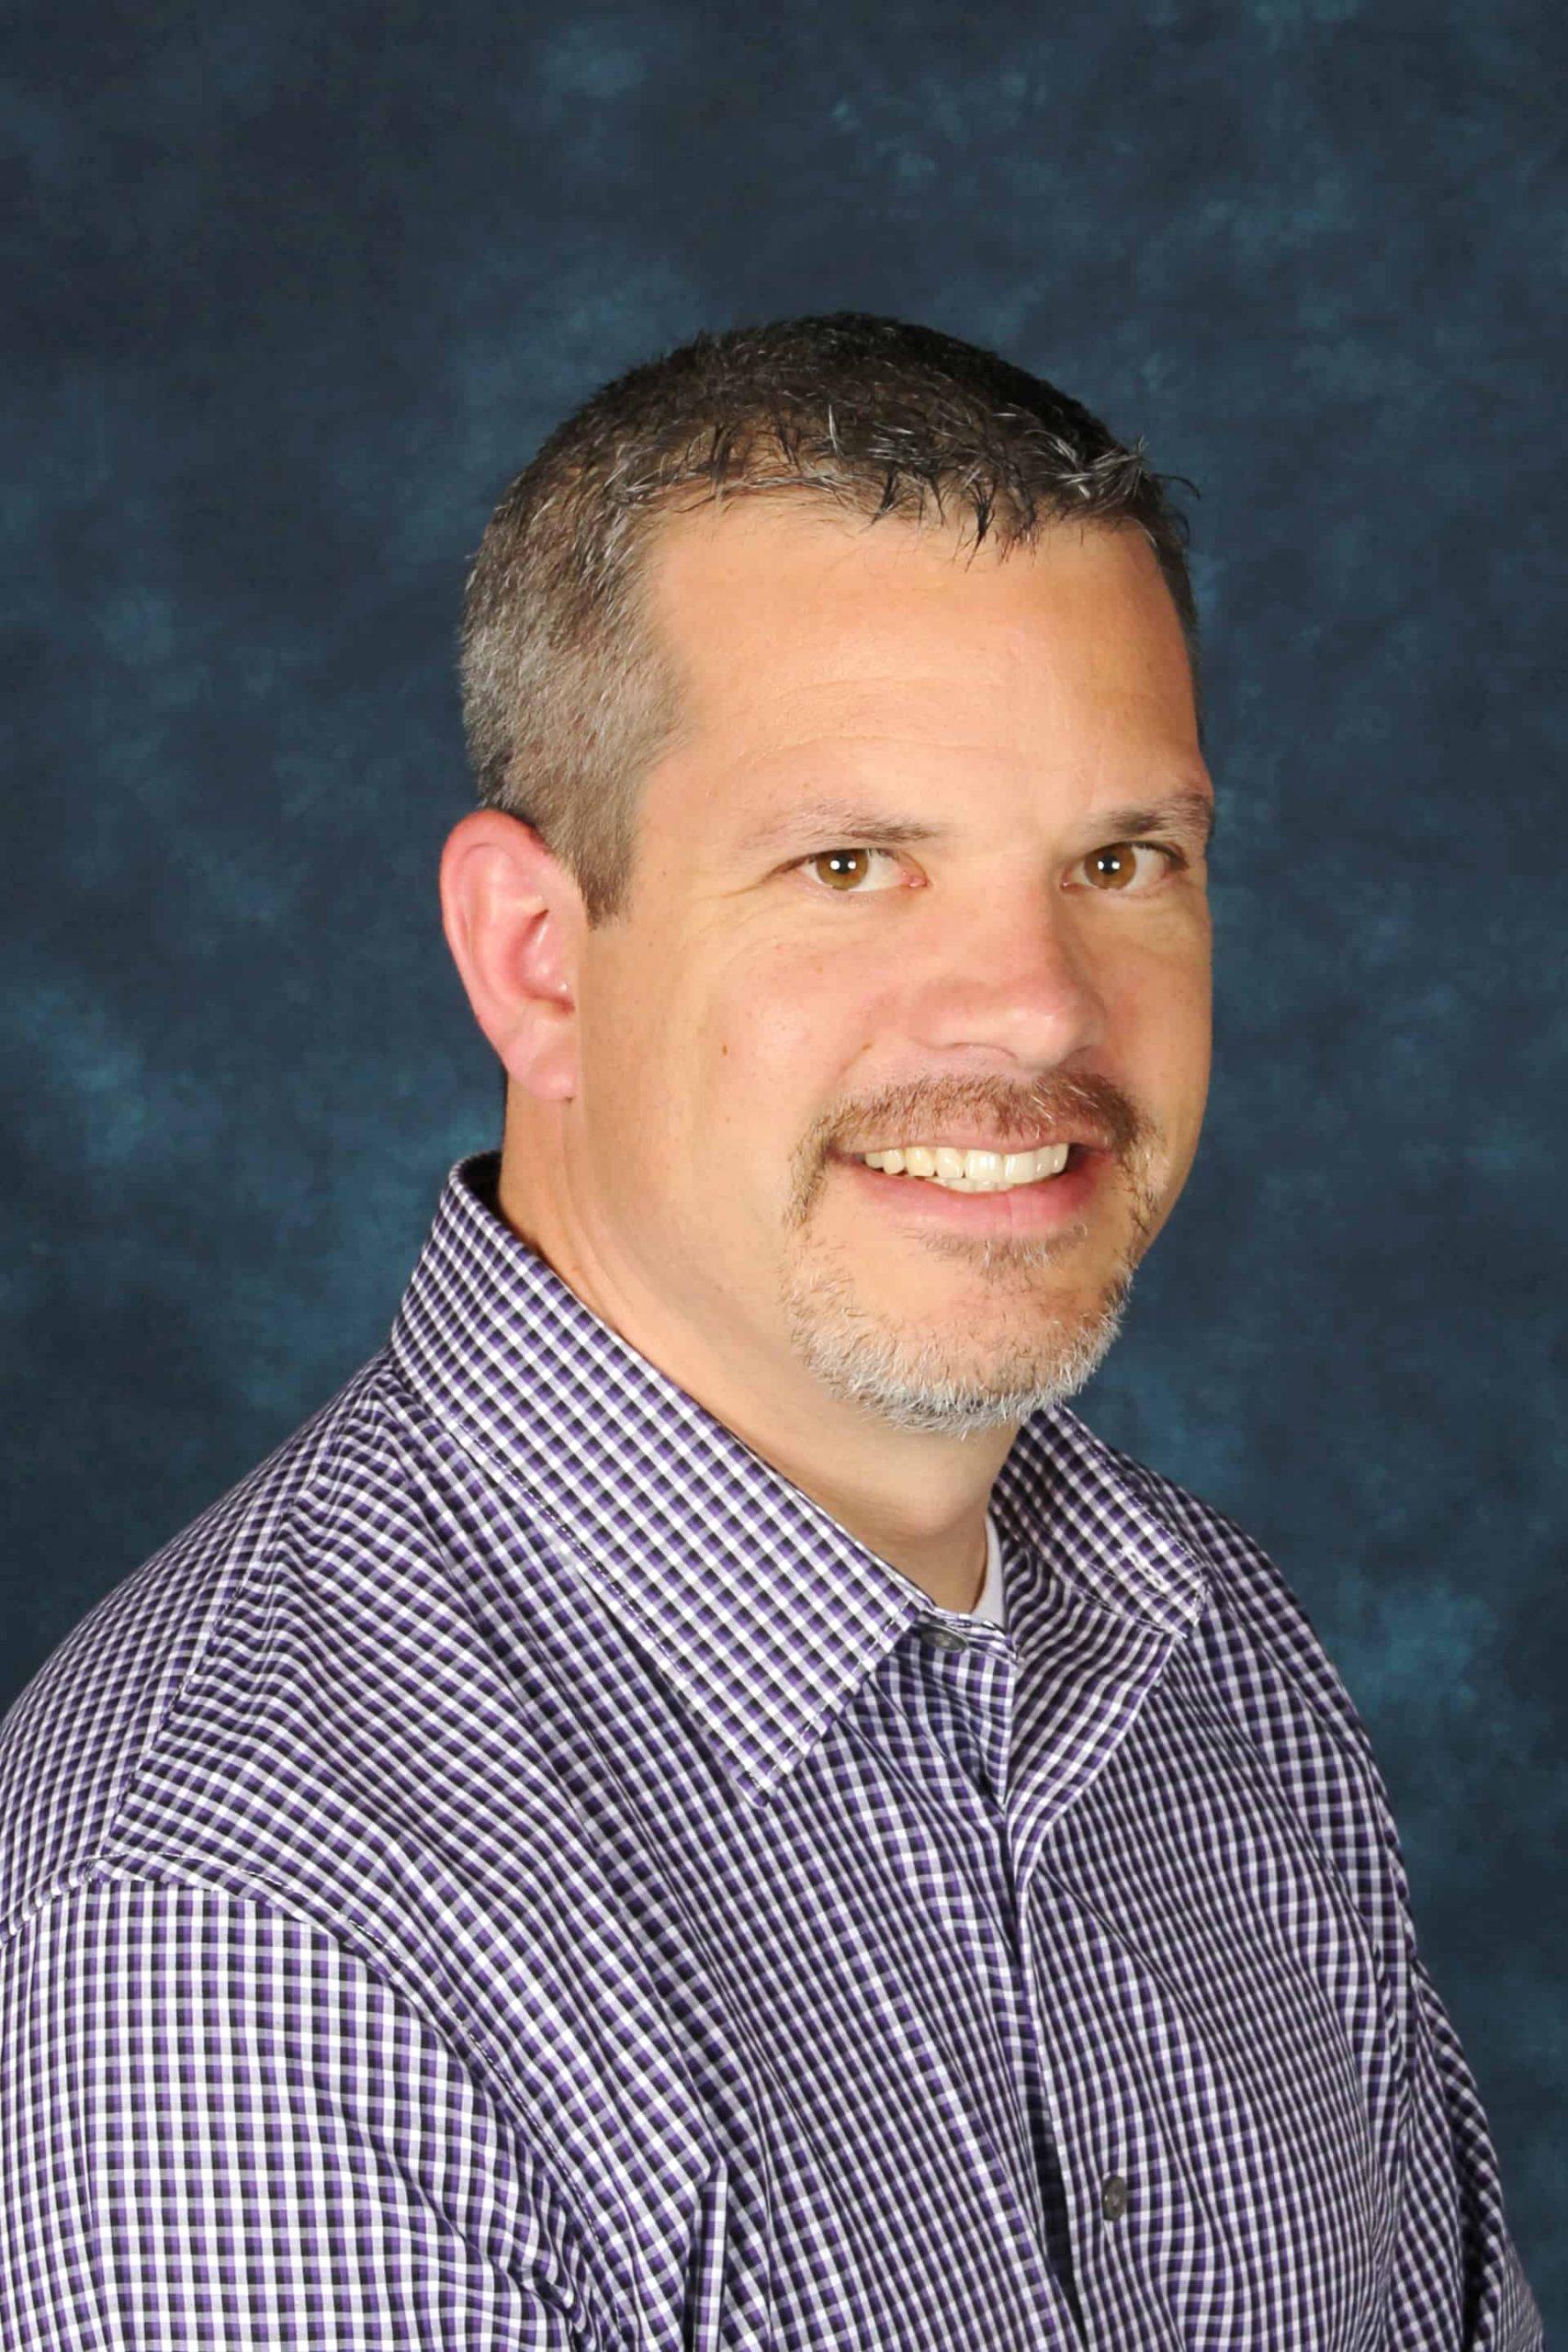 Steve Torla